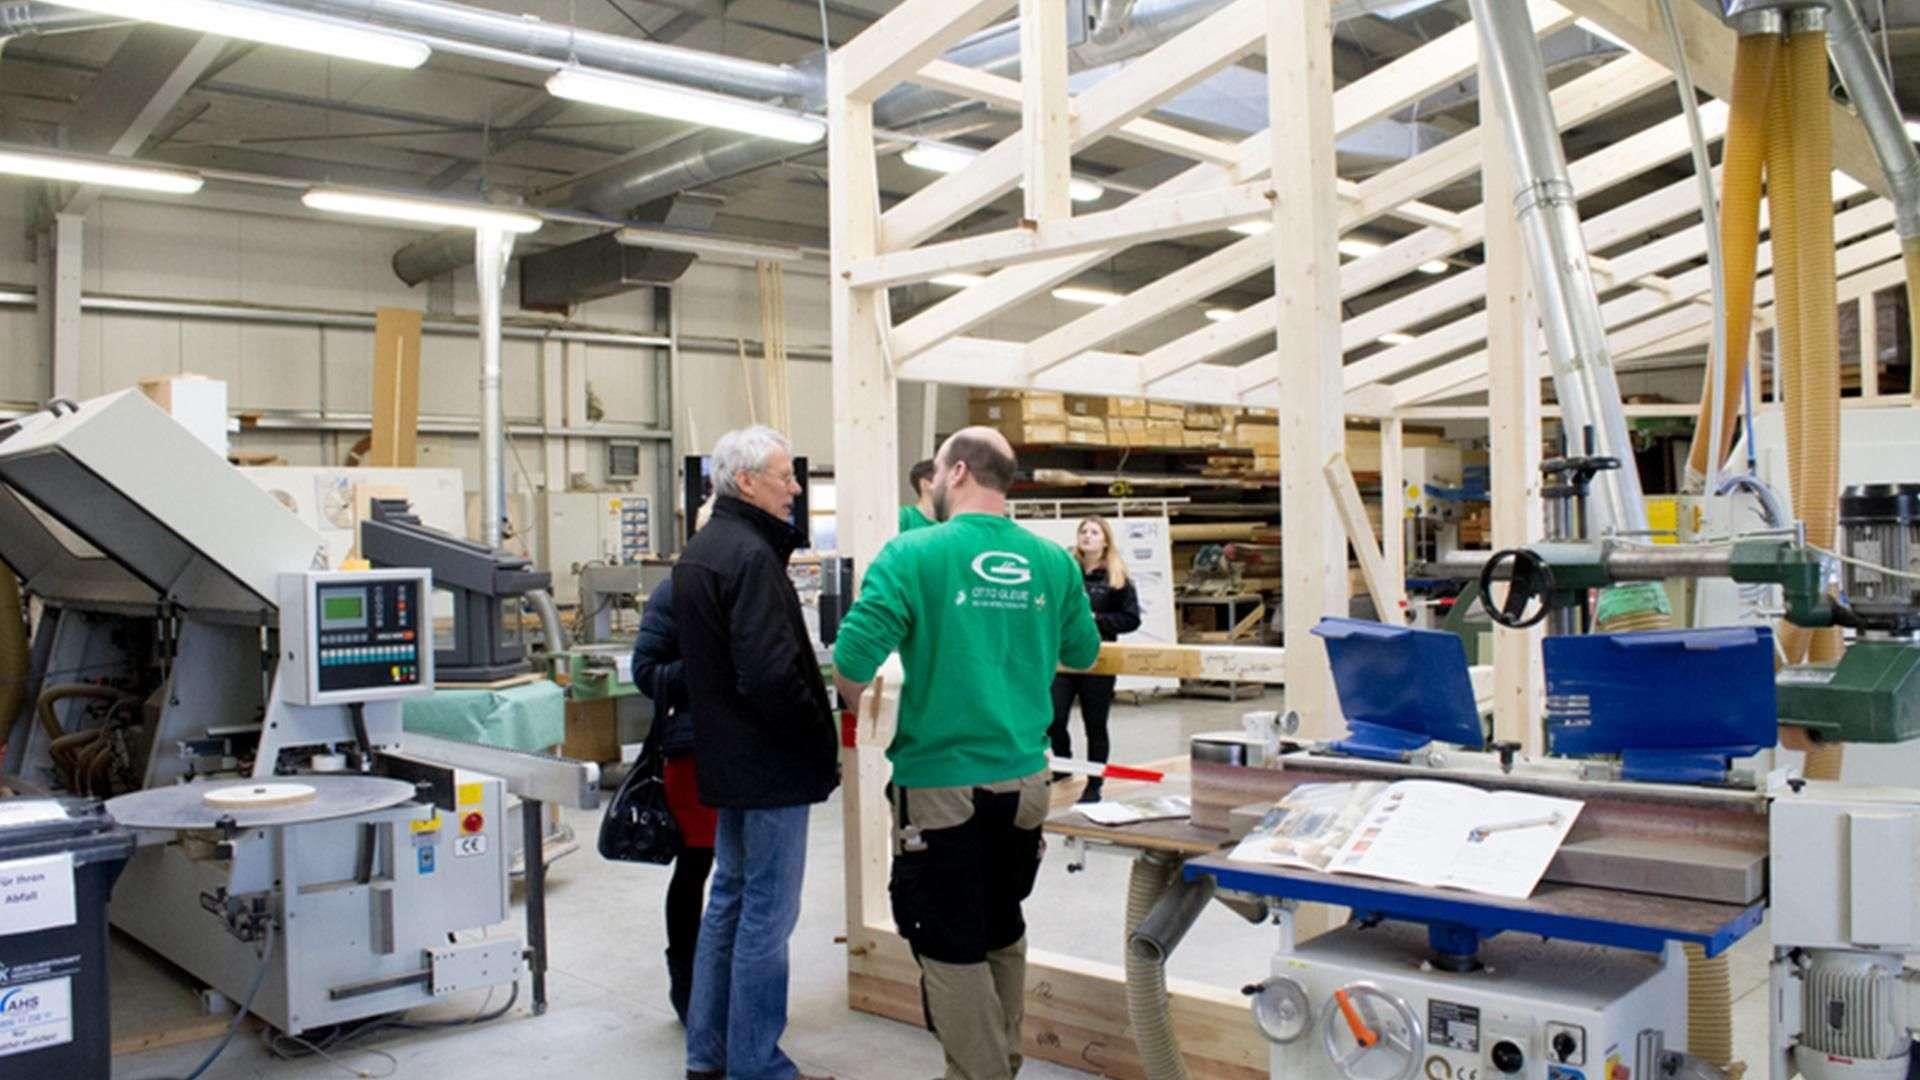 drei Personen in der Produktion der Tischlerei Gleue in Lindwedel